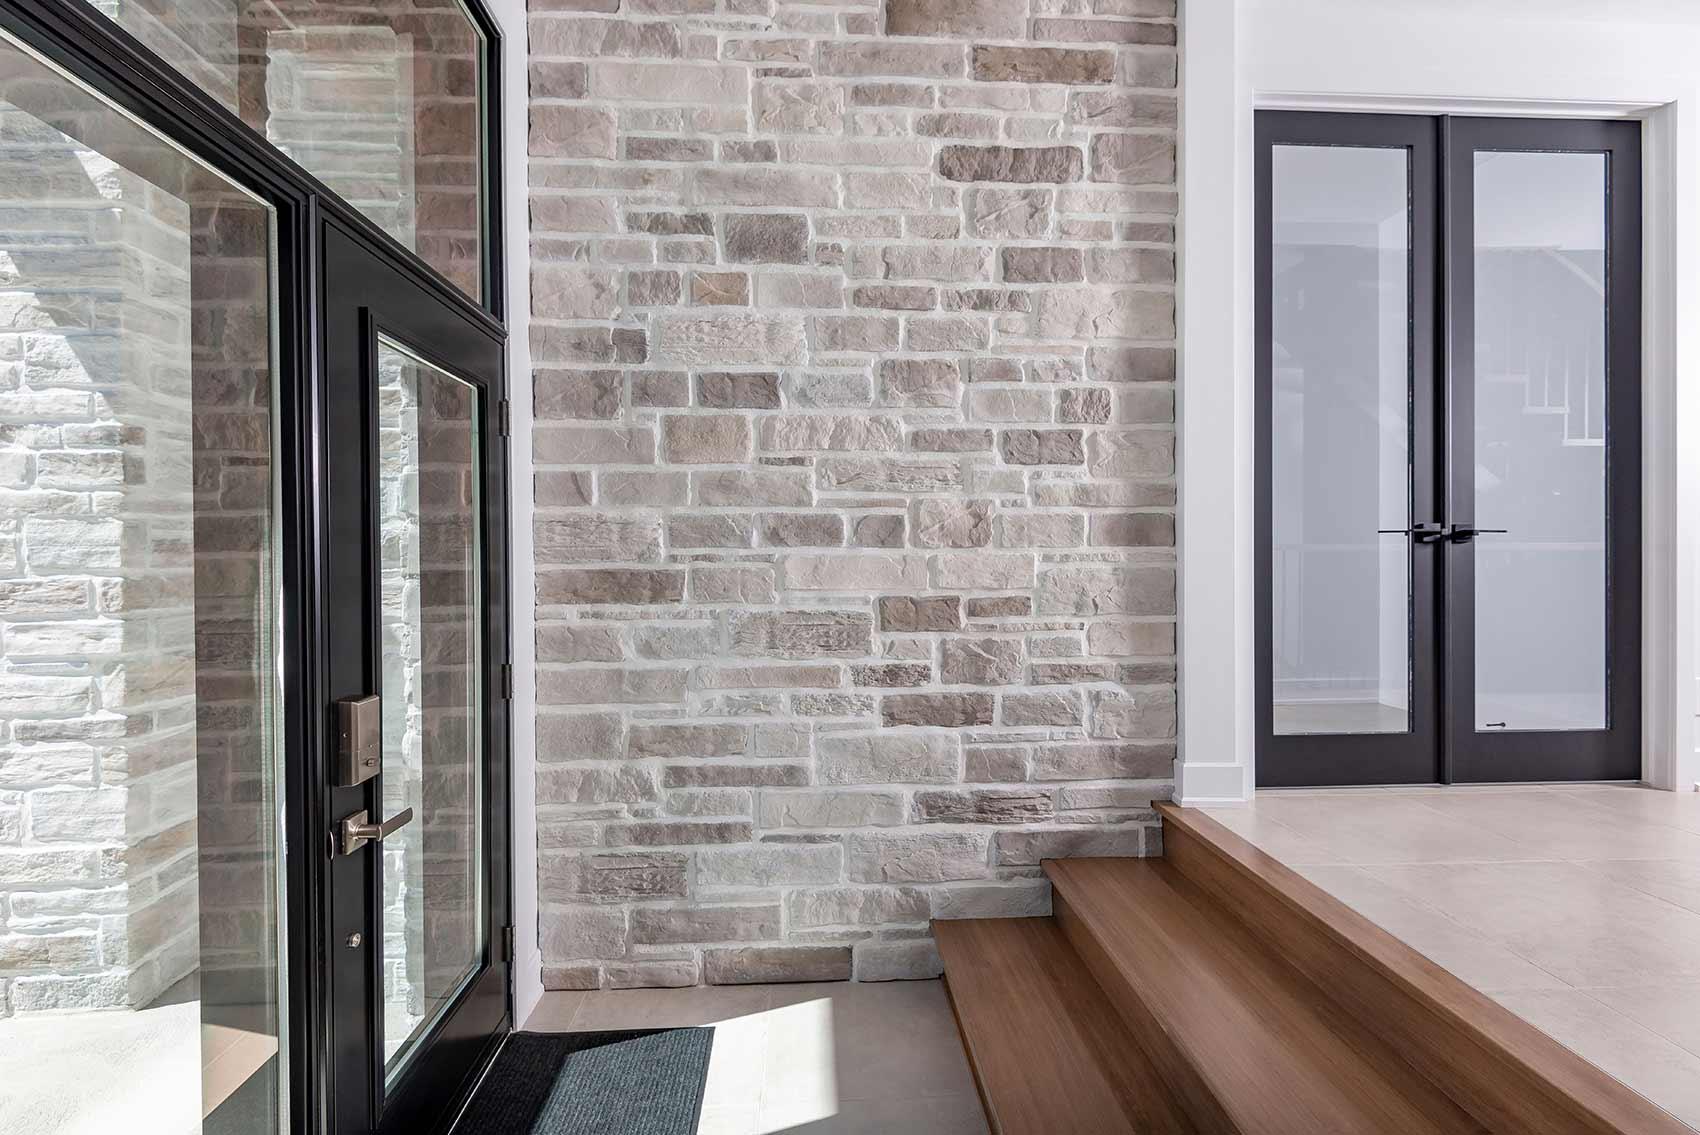 Maçonnerie alternative - Brique et pierre décorative